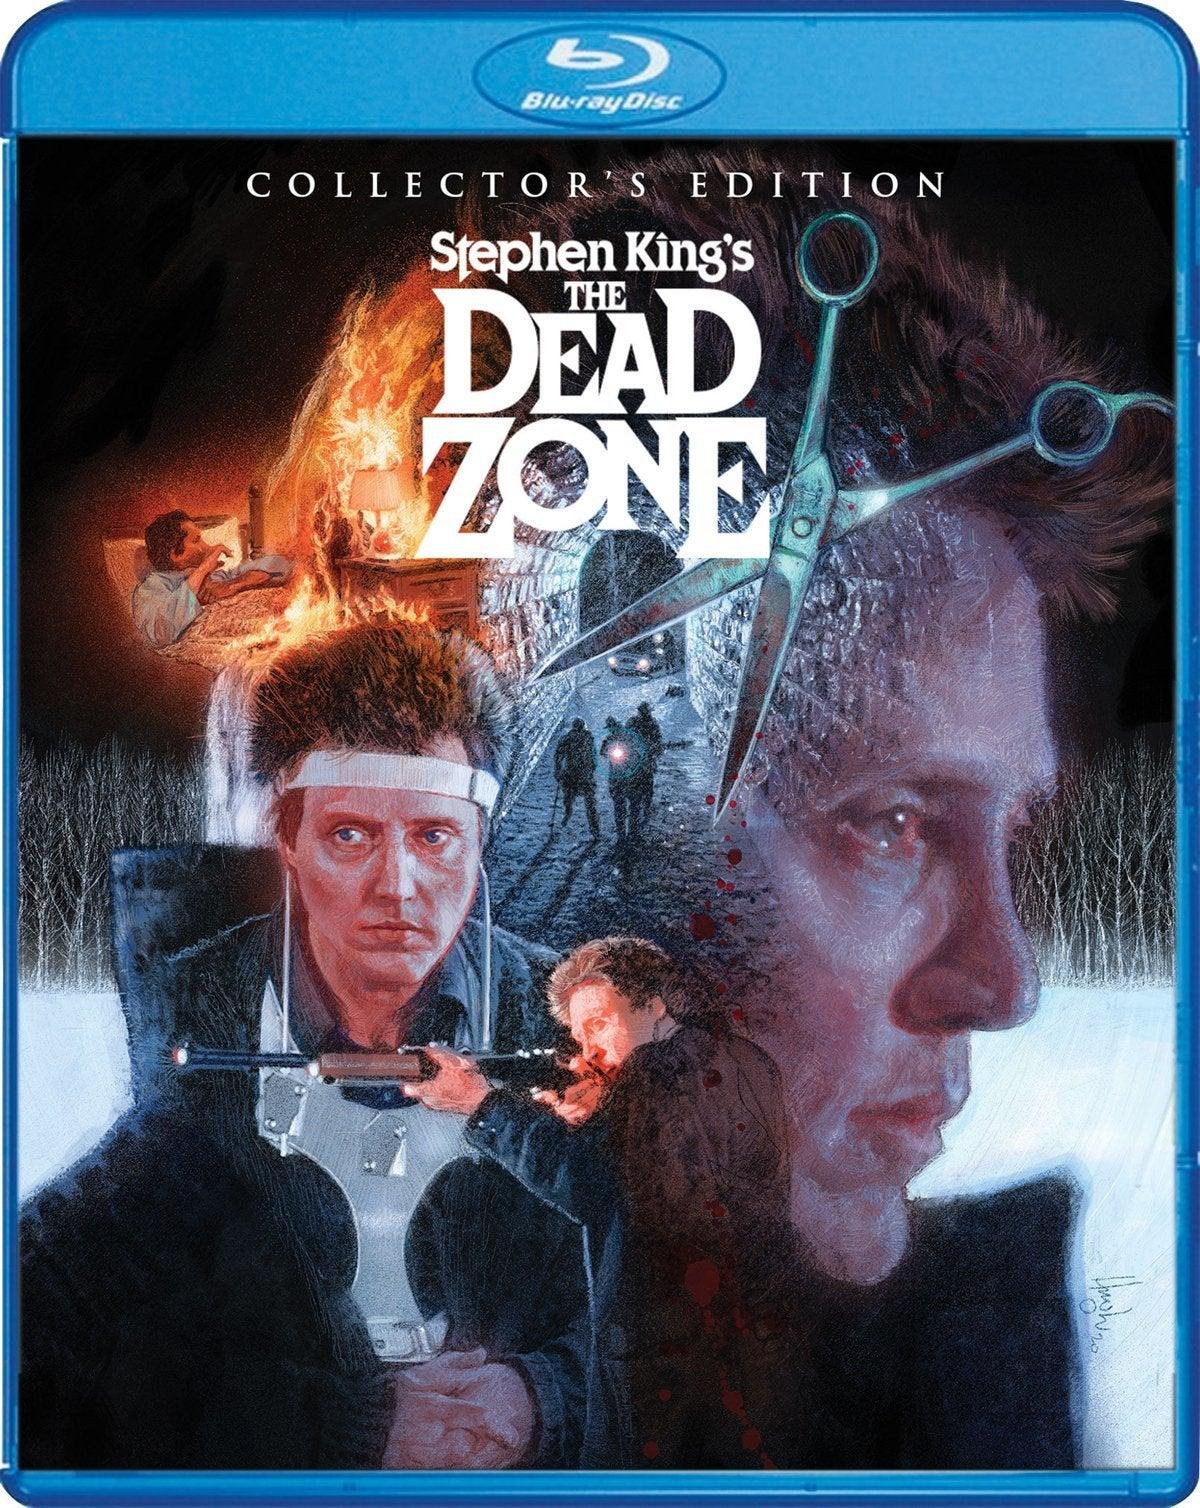 the dead zone blu ray cover scream factory